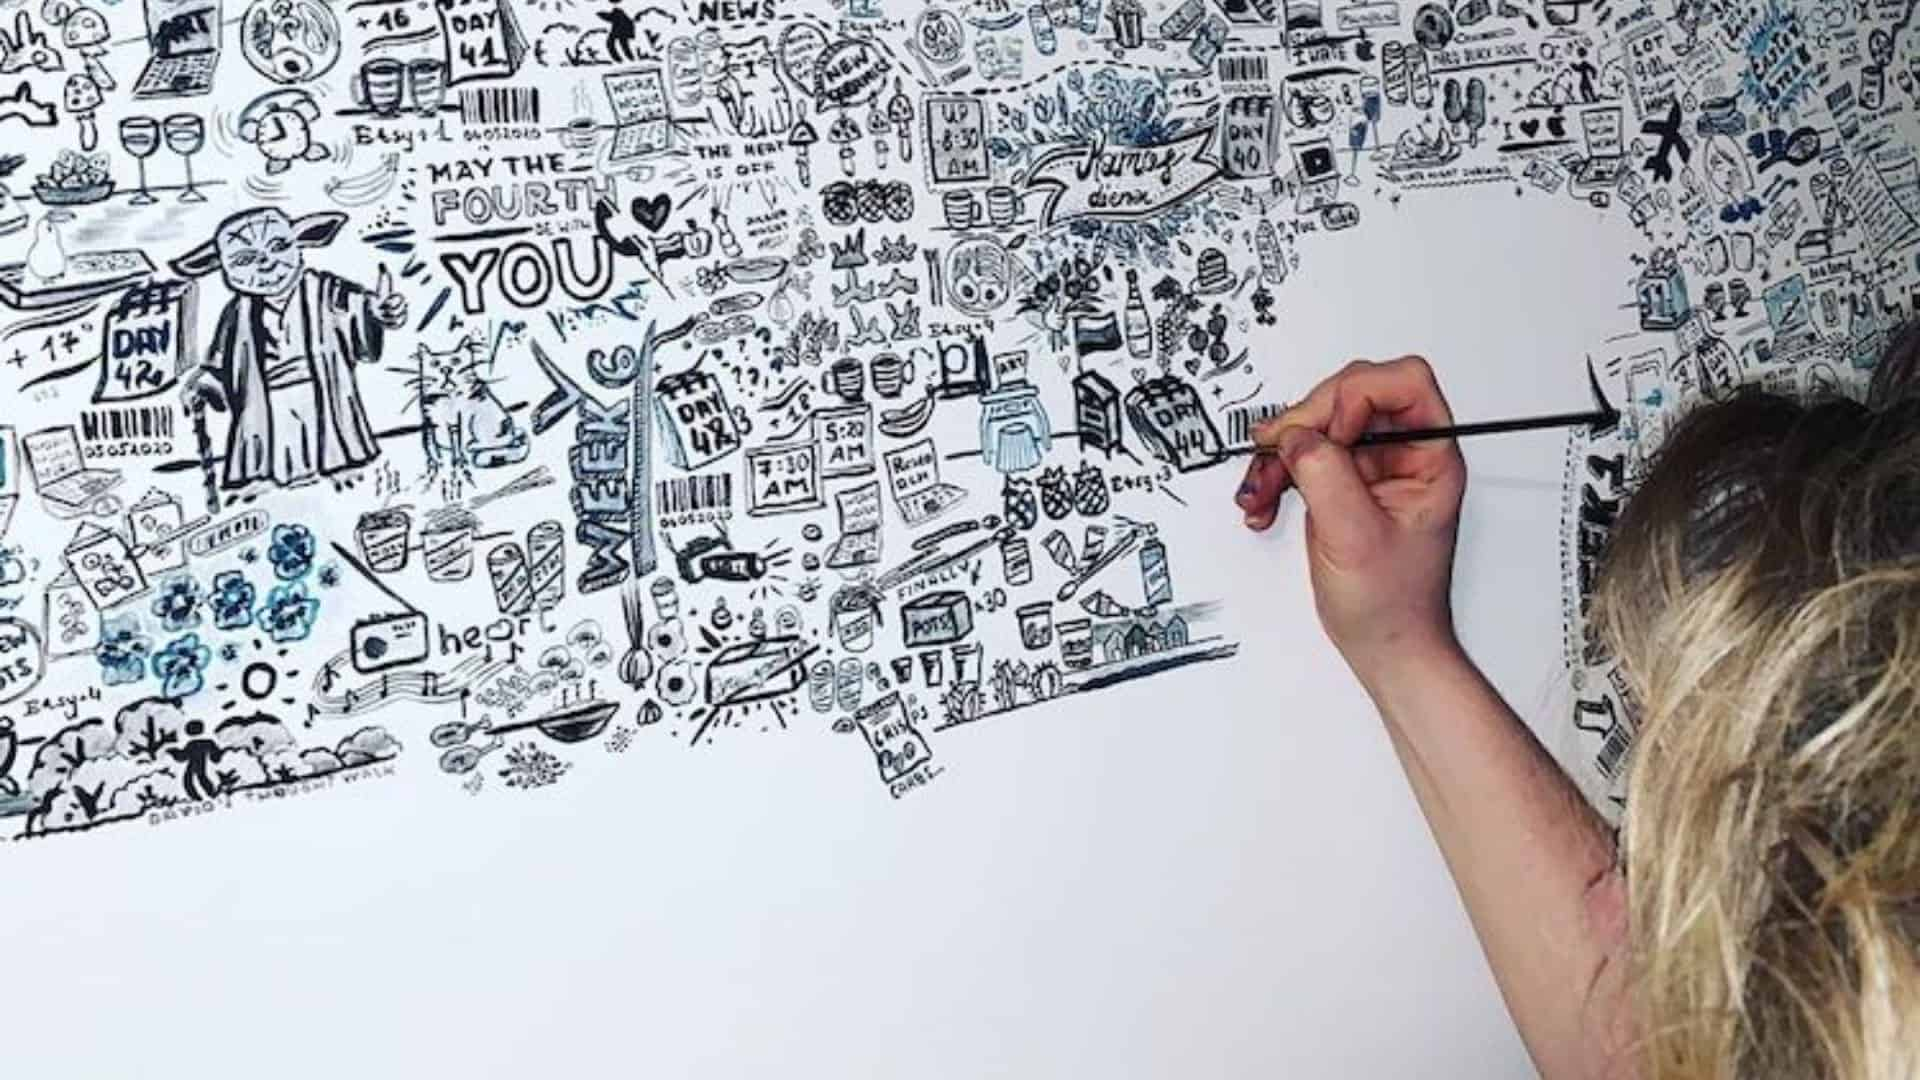 Esta artista pasó 113 días cubriendo una pared en su casa con garabatos sobre la vida durante la cuarentena por COVID-19